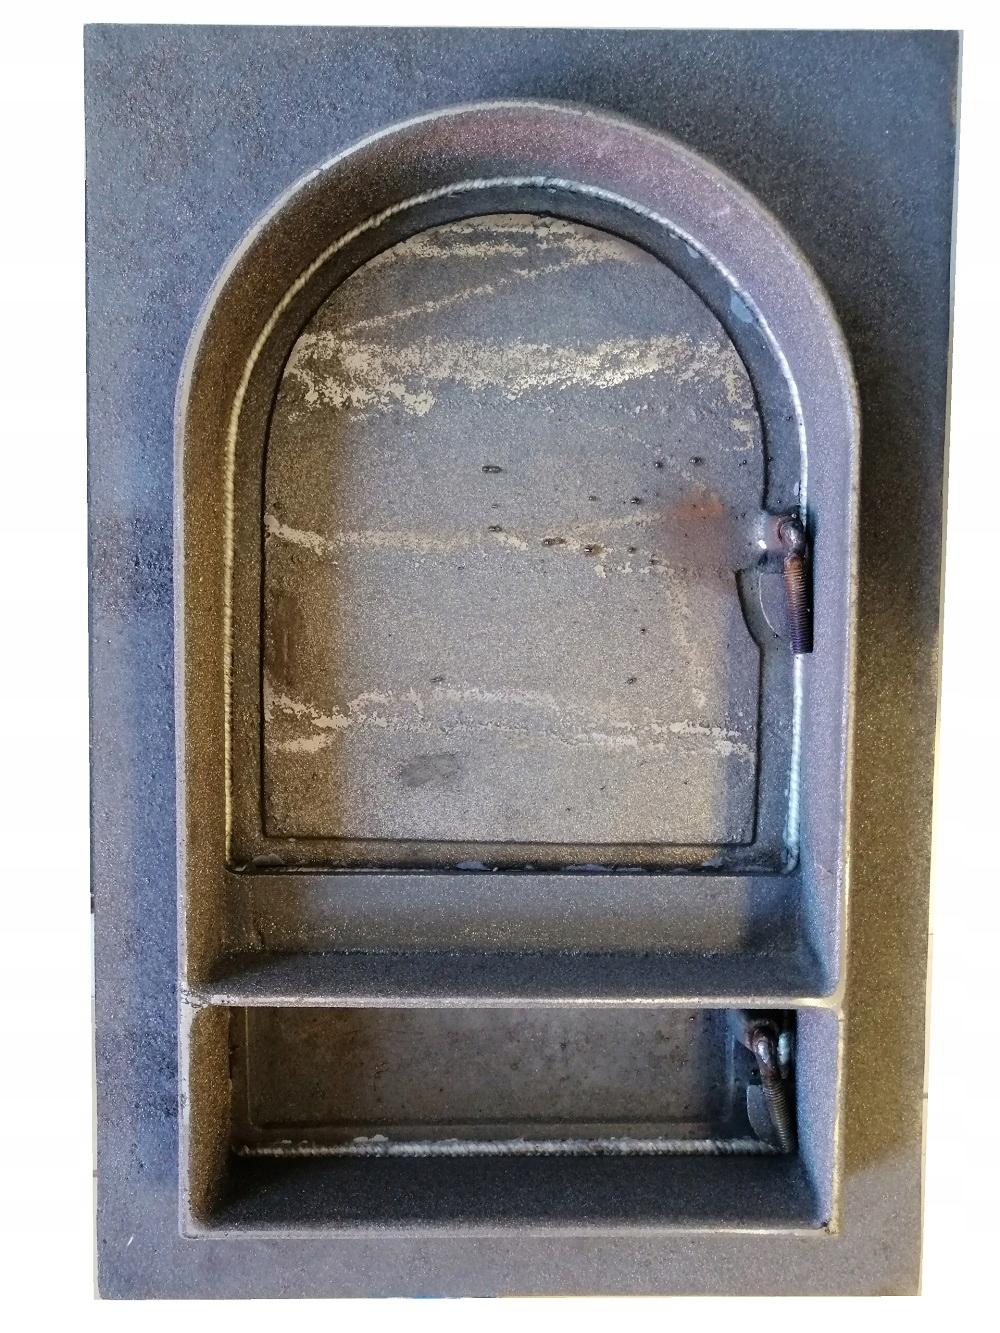 liatinové dvere pece 49x32,5 cm pec Hmotnosť produktu s jednotkovým balením 9 kg